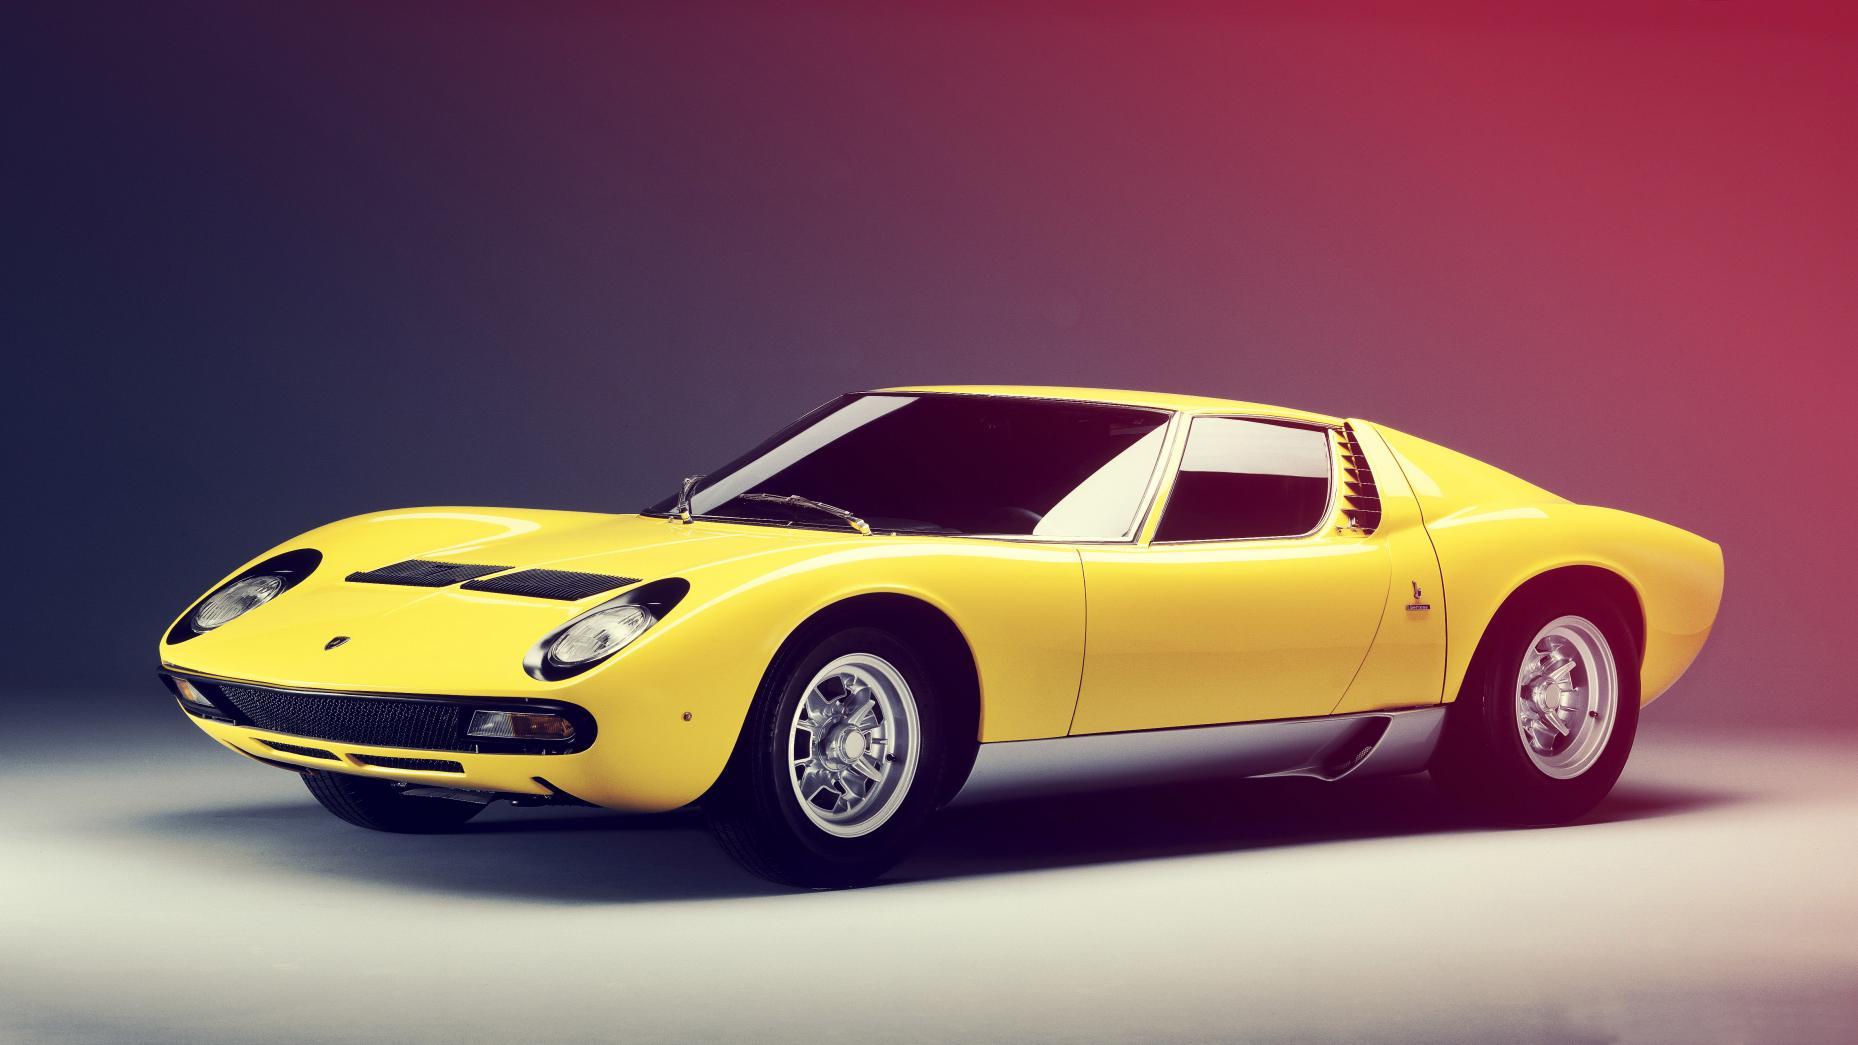 Самые крутые автомобили всех времен по версии Top Gear